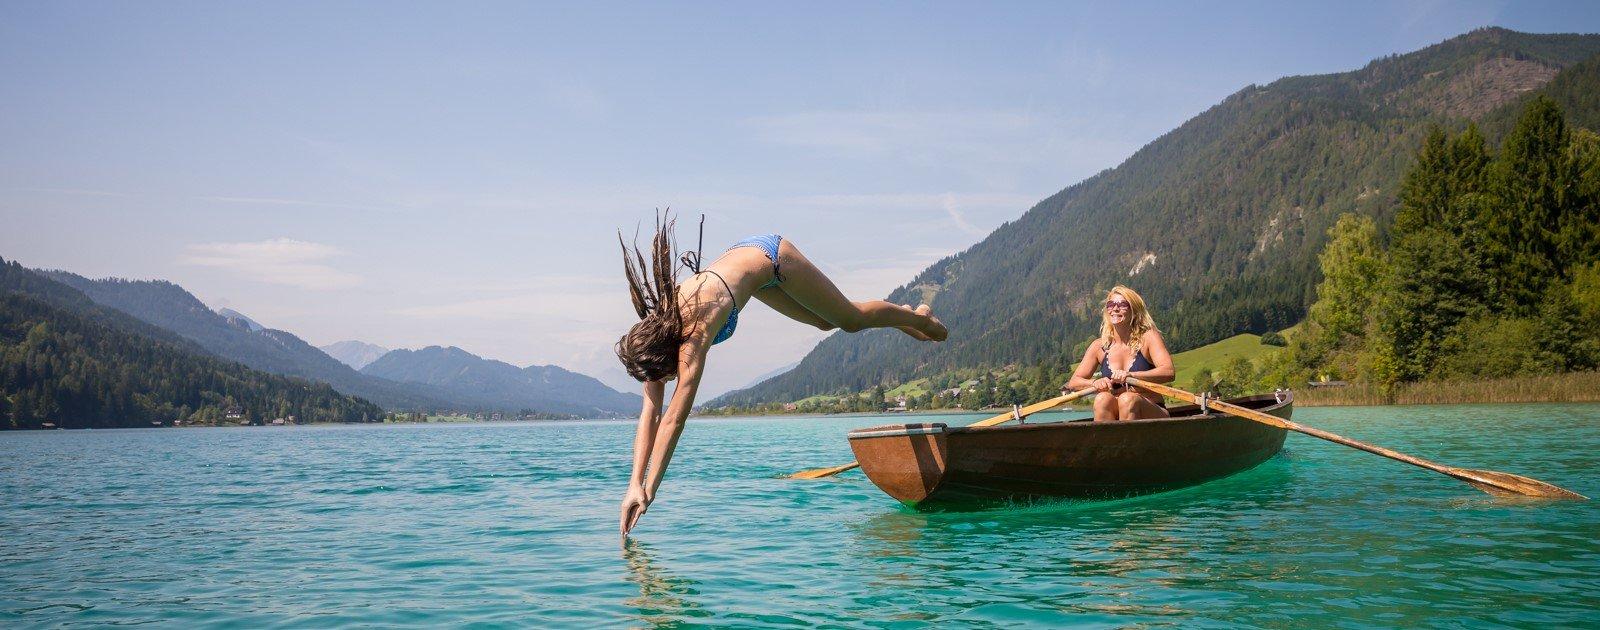 Sprung vom Ruderboot in den Weissensee